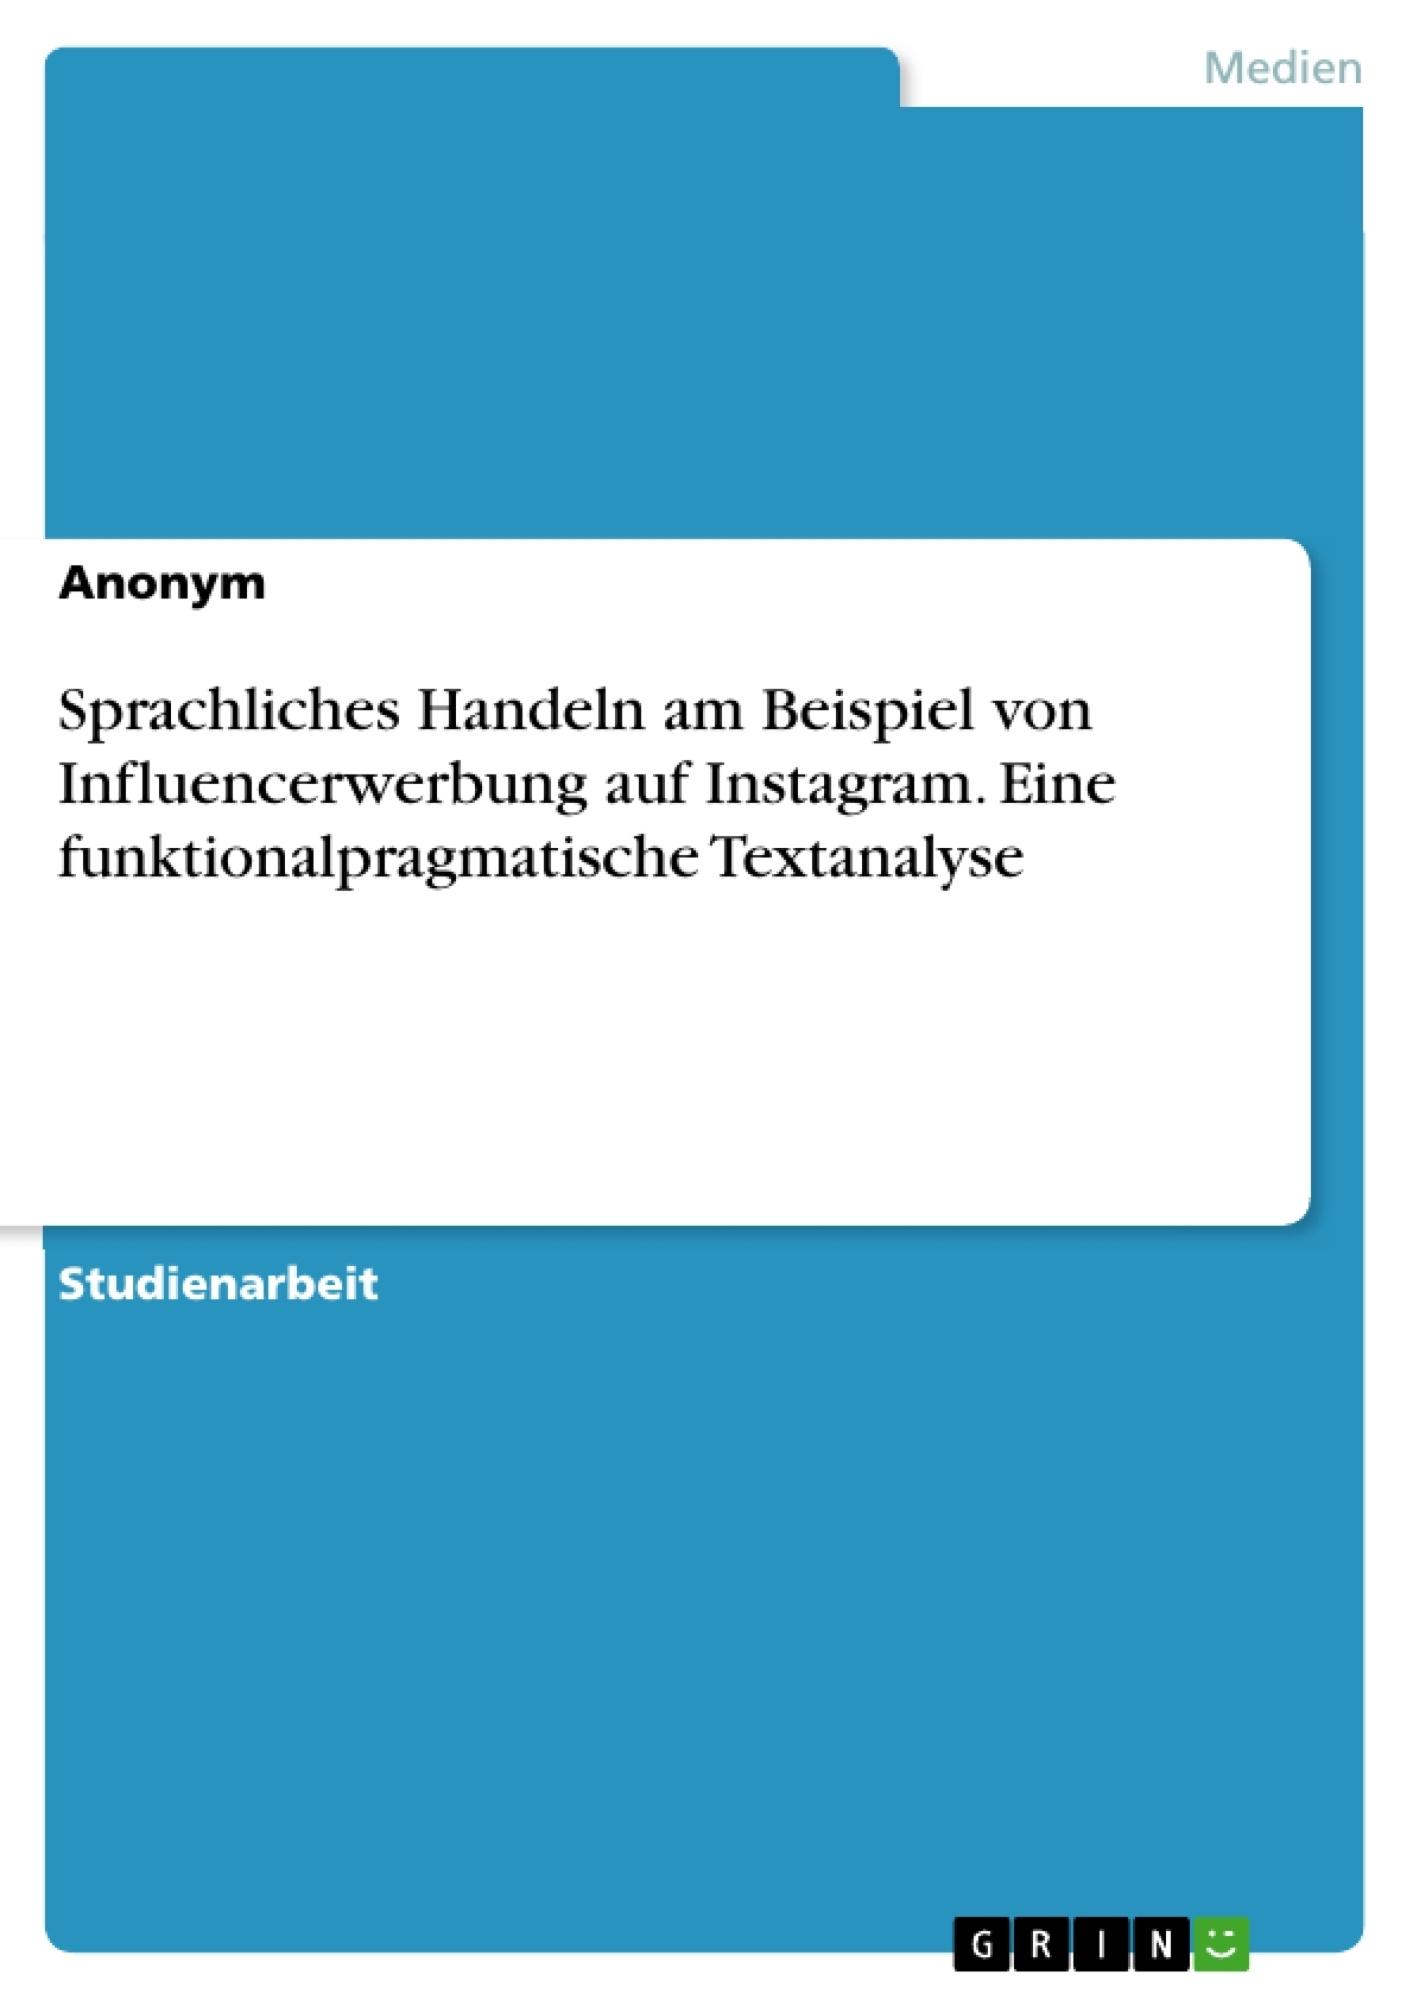 Titel: Sprachliches Handeln am Beispiel von Influencerwerbung auf Instagram. Eine funktionalpragmatische Textanalyse